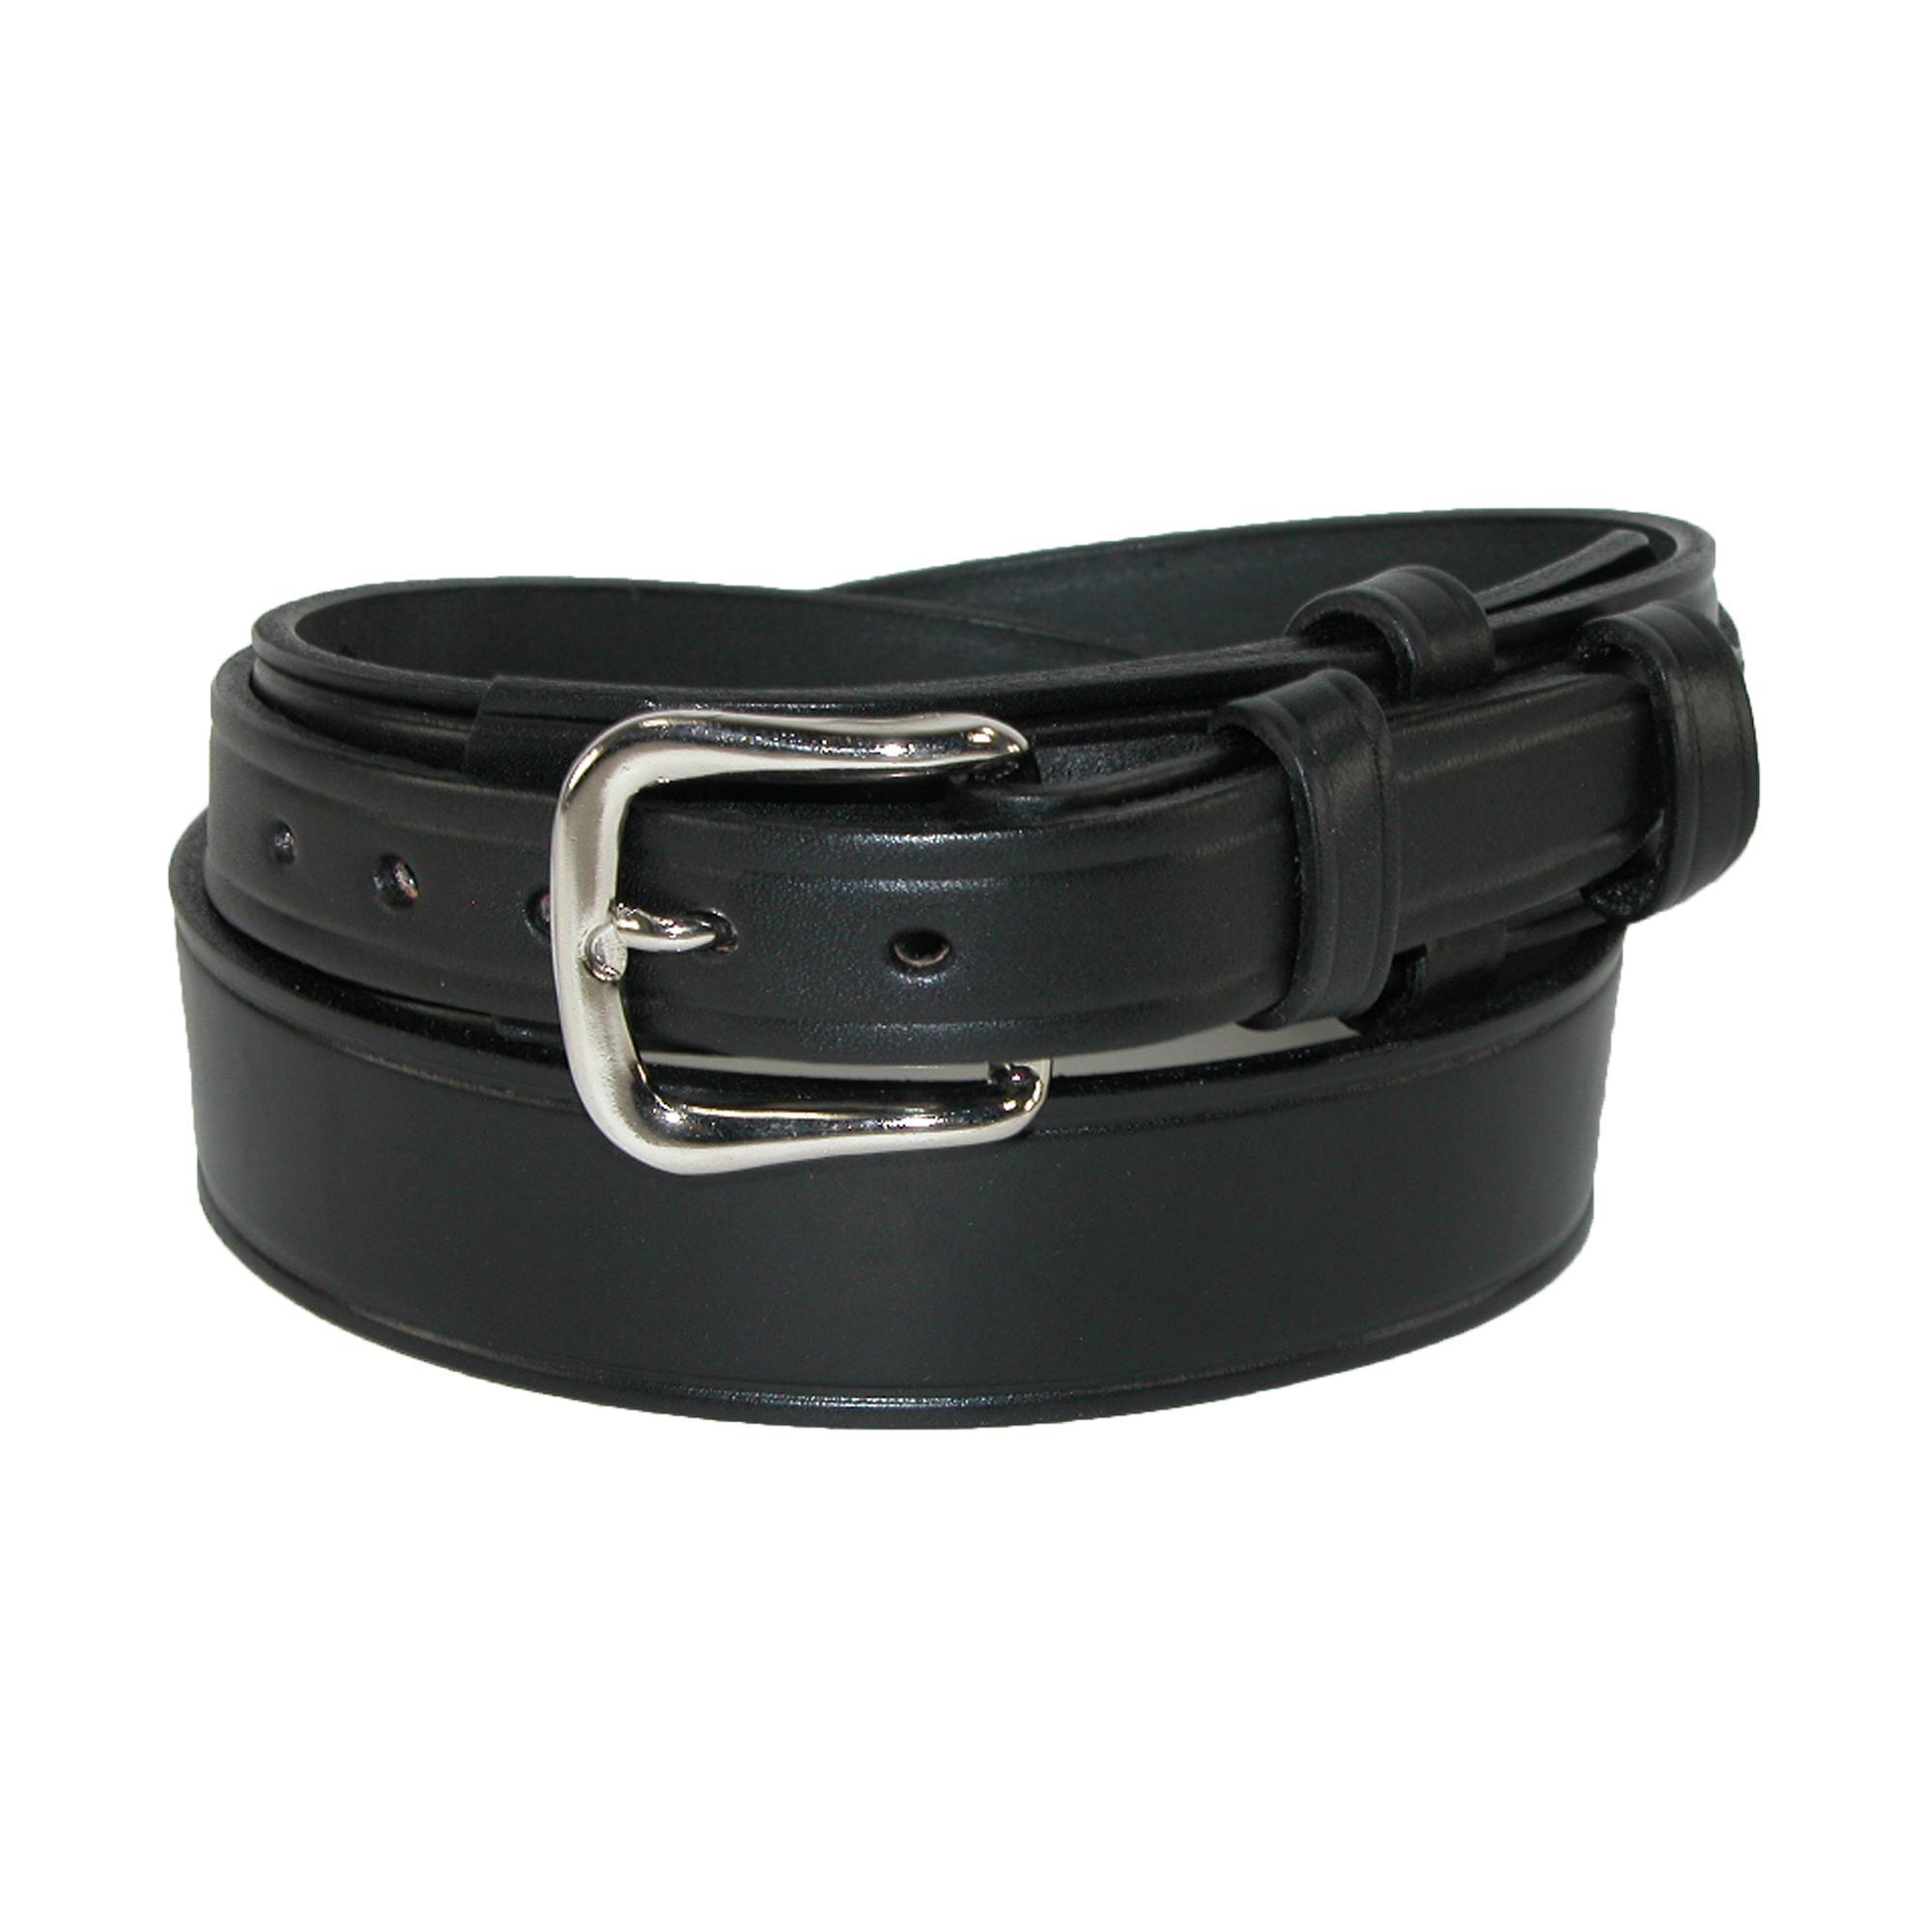 Boston Leather Men's Leather 1 1/2 Inch Heavy Duty Ranger Belt